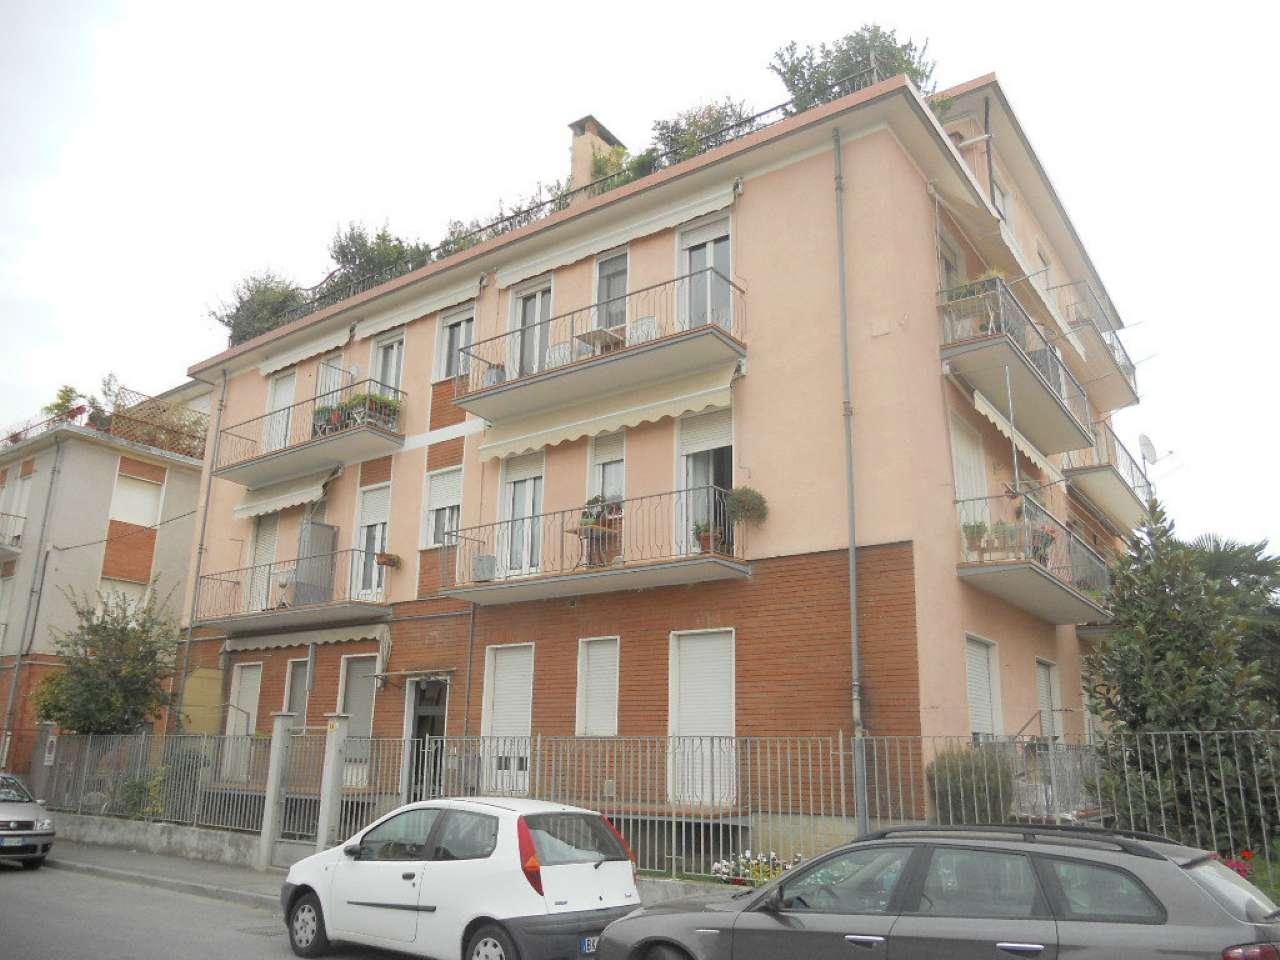 Appartamento in vendita a Savigliano, 3 locali, prezzo € 129.000 | CambioCasa.it